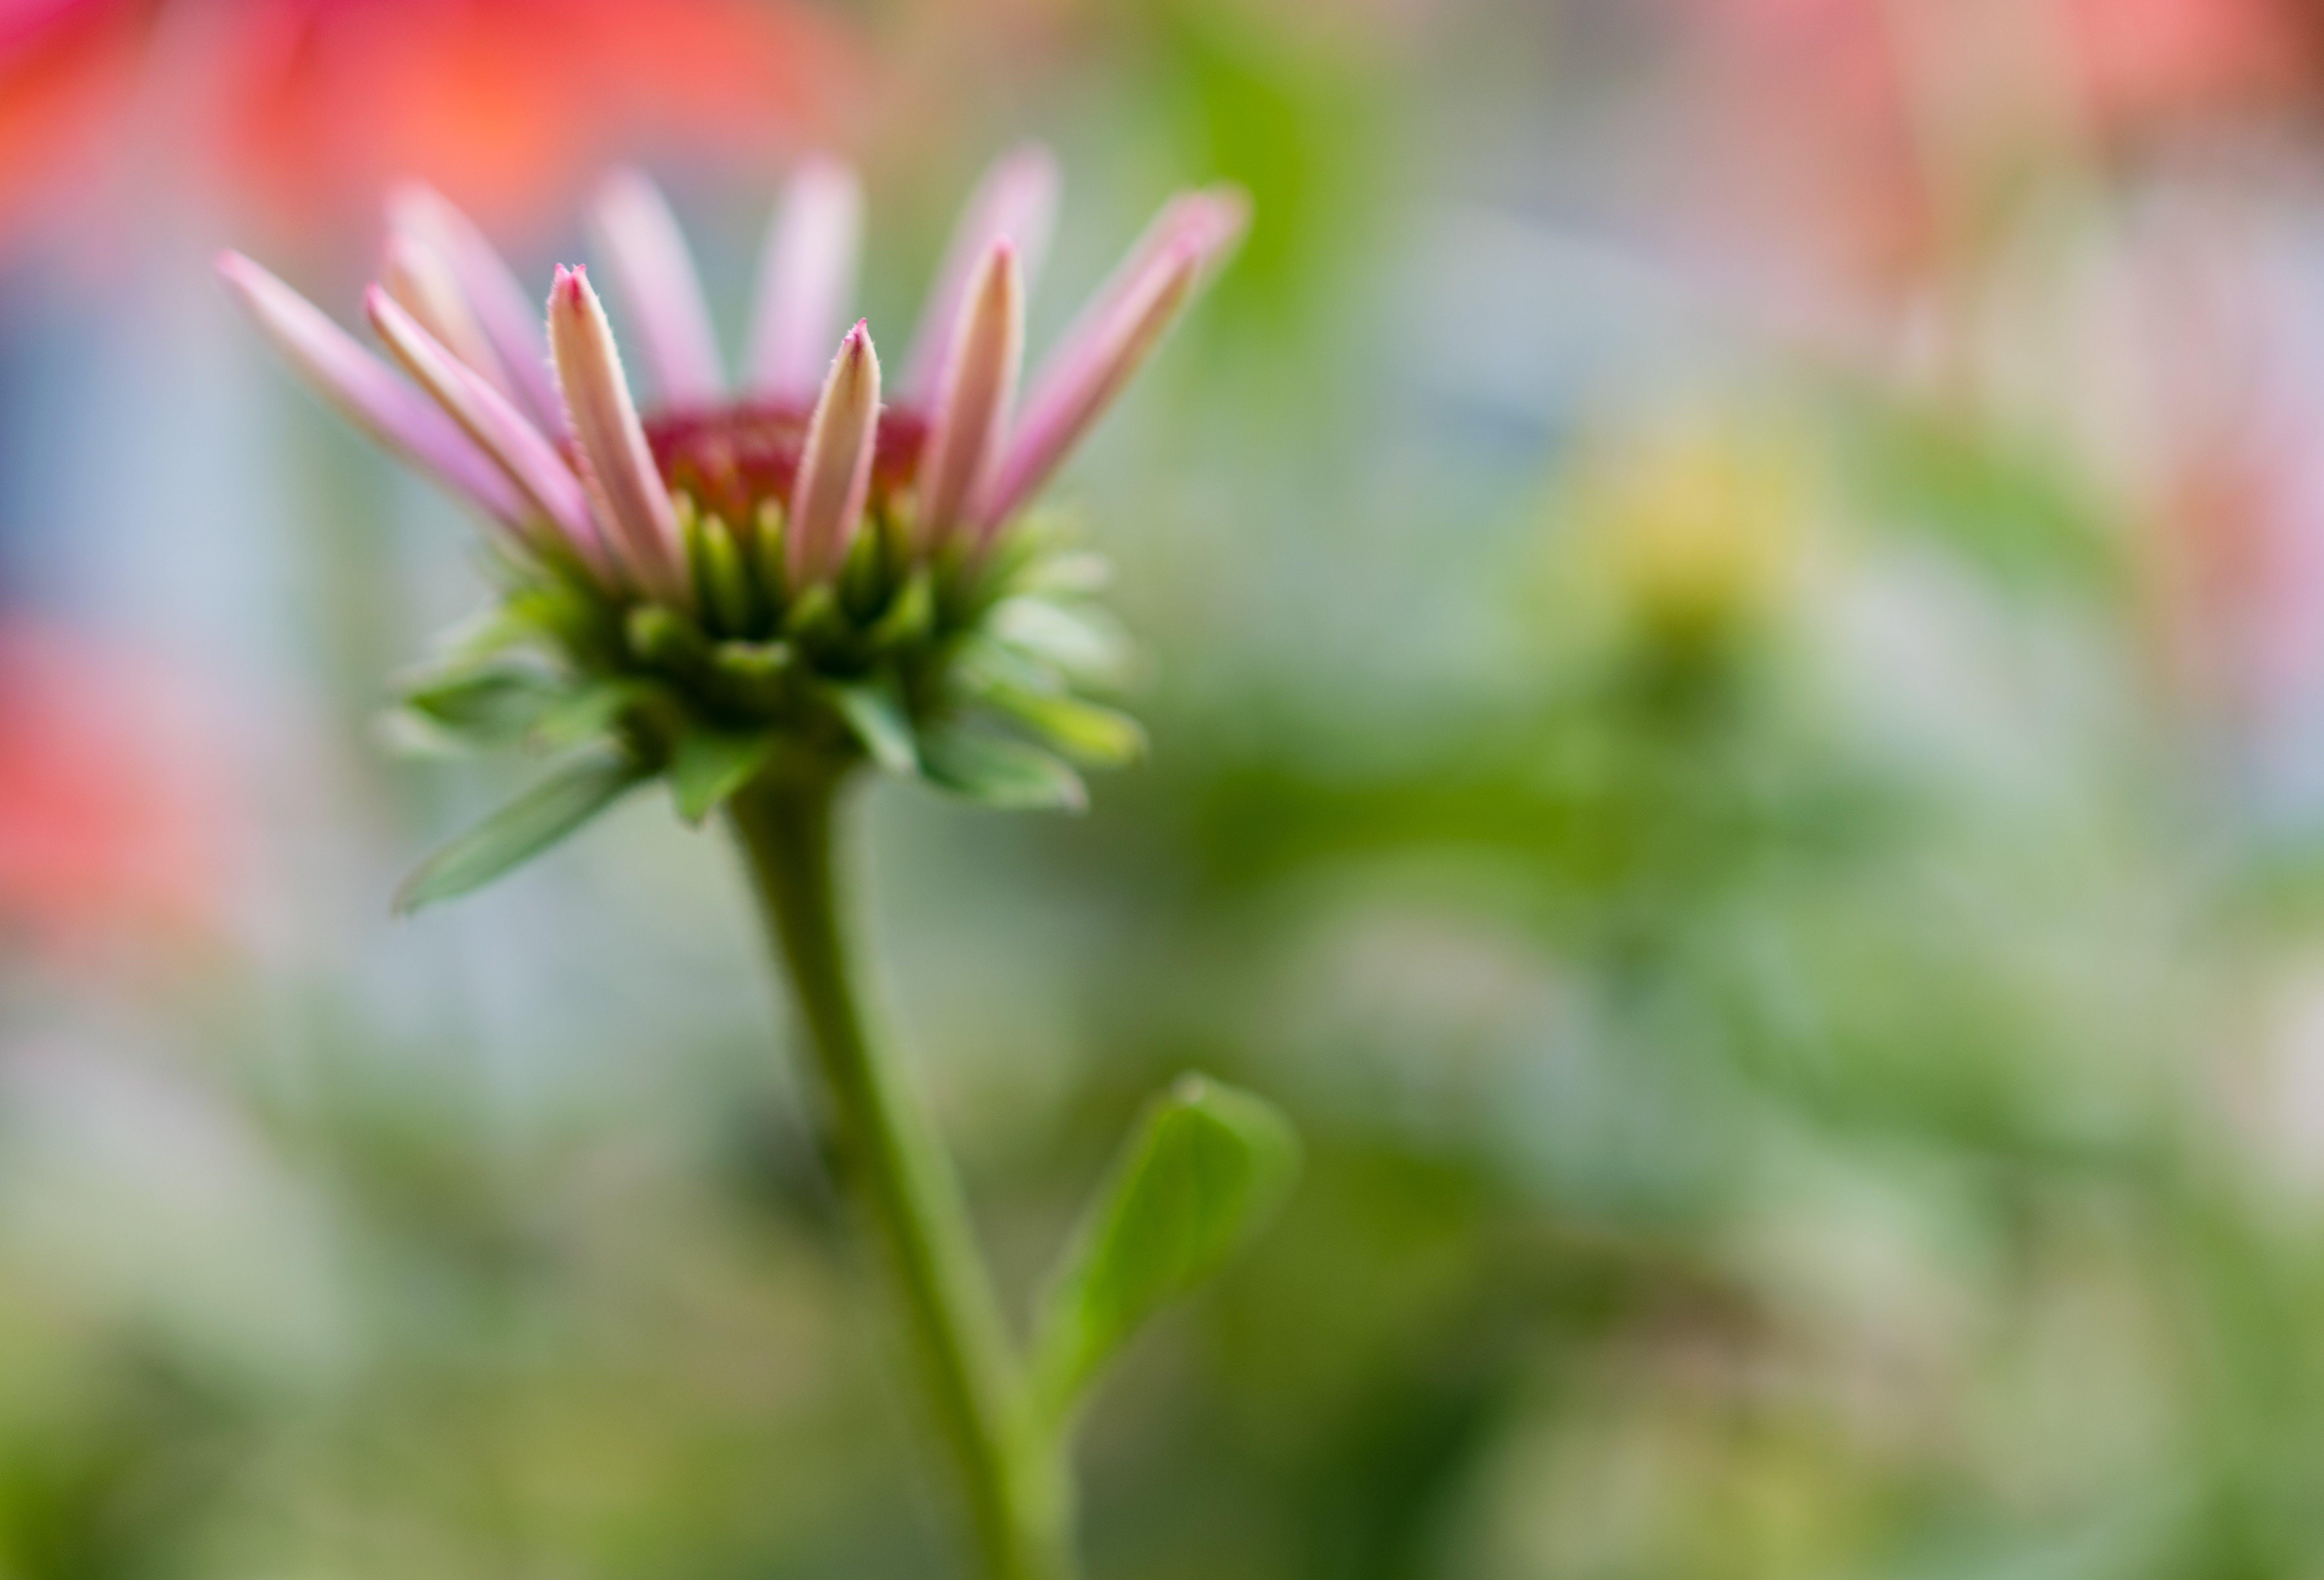 Δωρεάν στοκ φωτογραφιών με κήπος, λουλούδια, φυτά